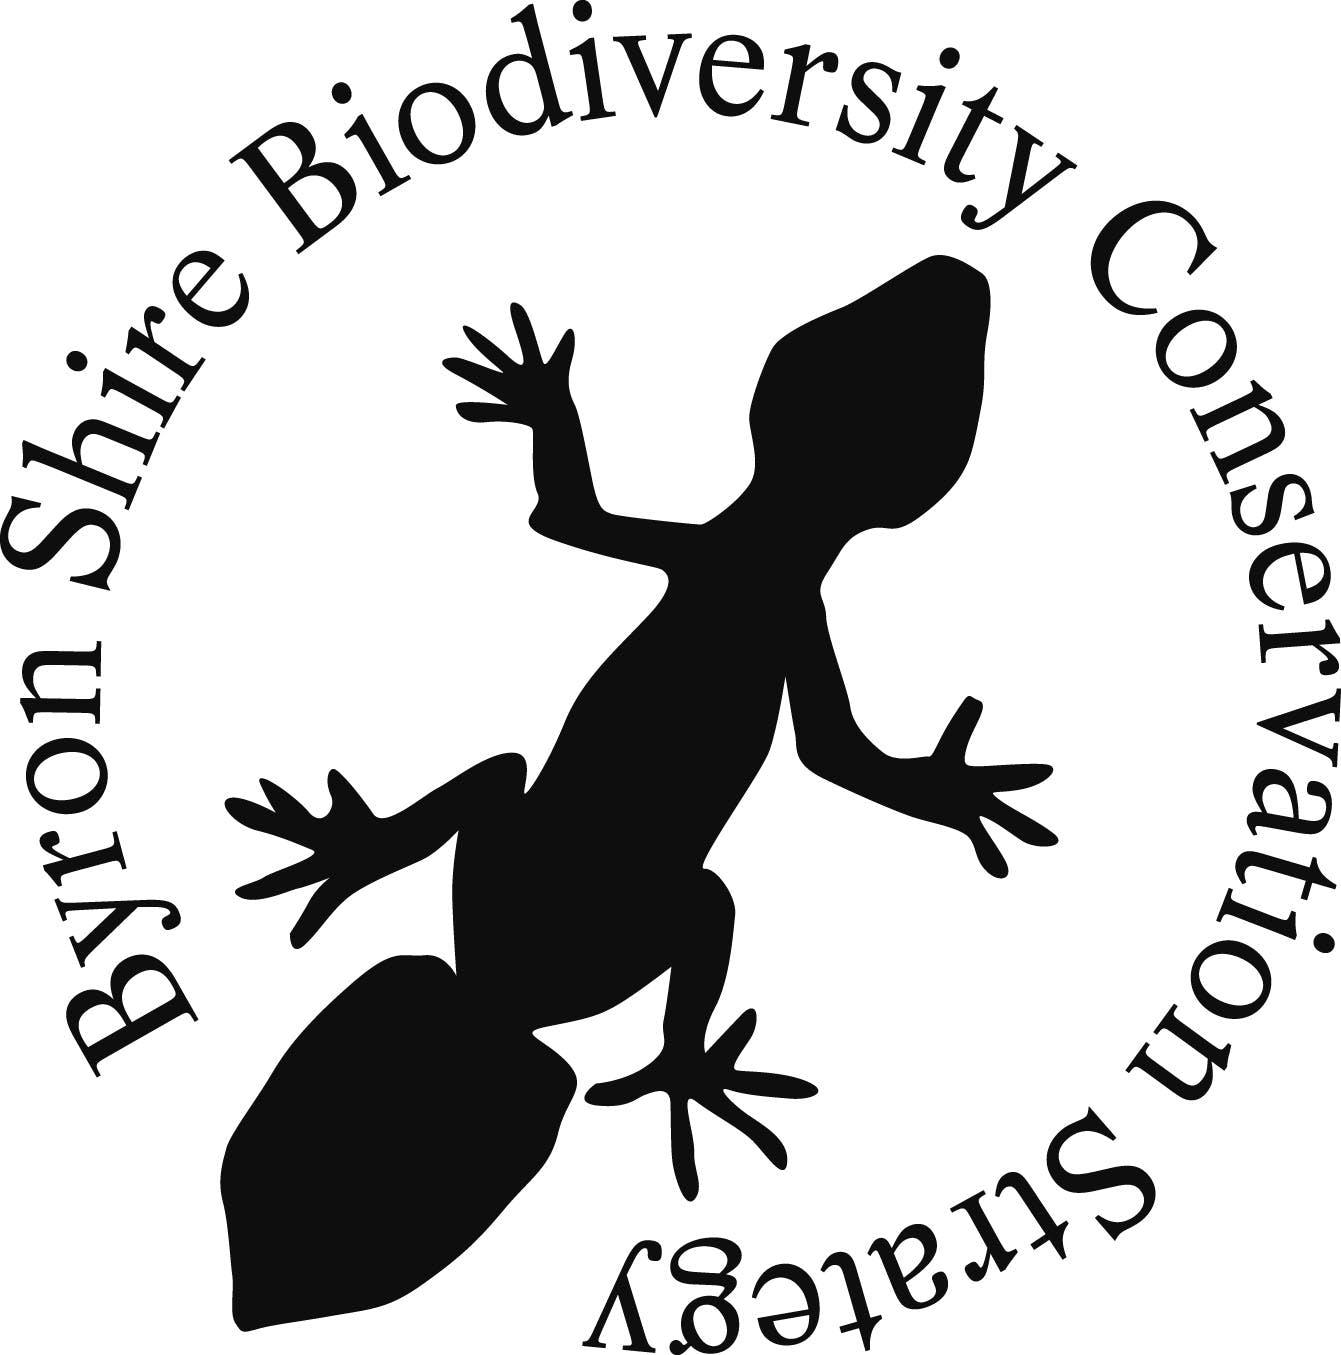 LOGO - Biodiversity Conservation Strategy, jpg - v2